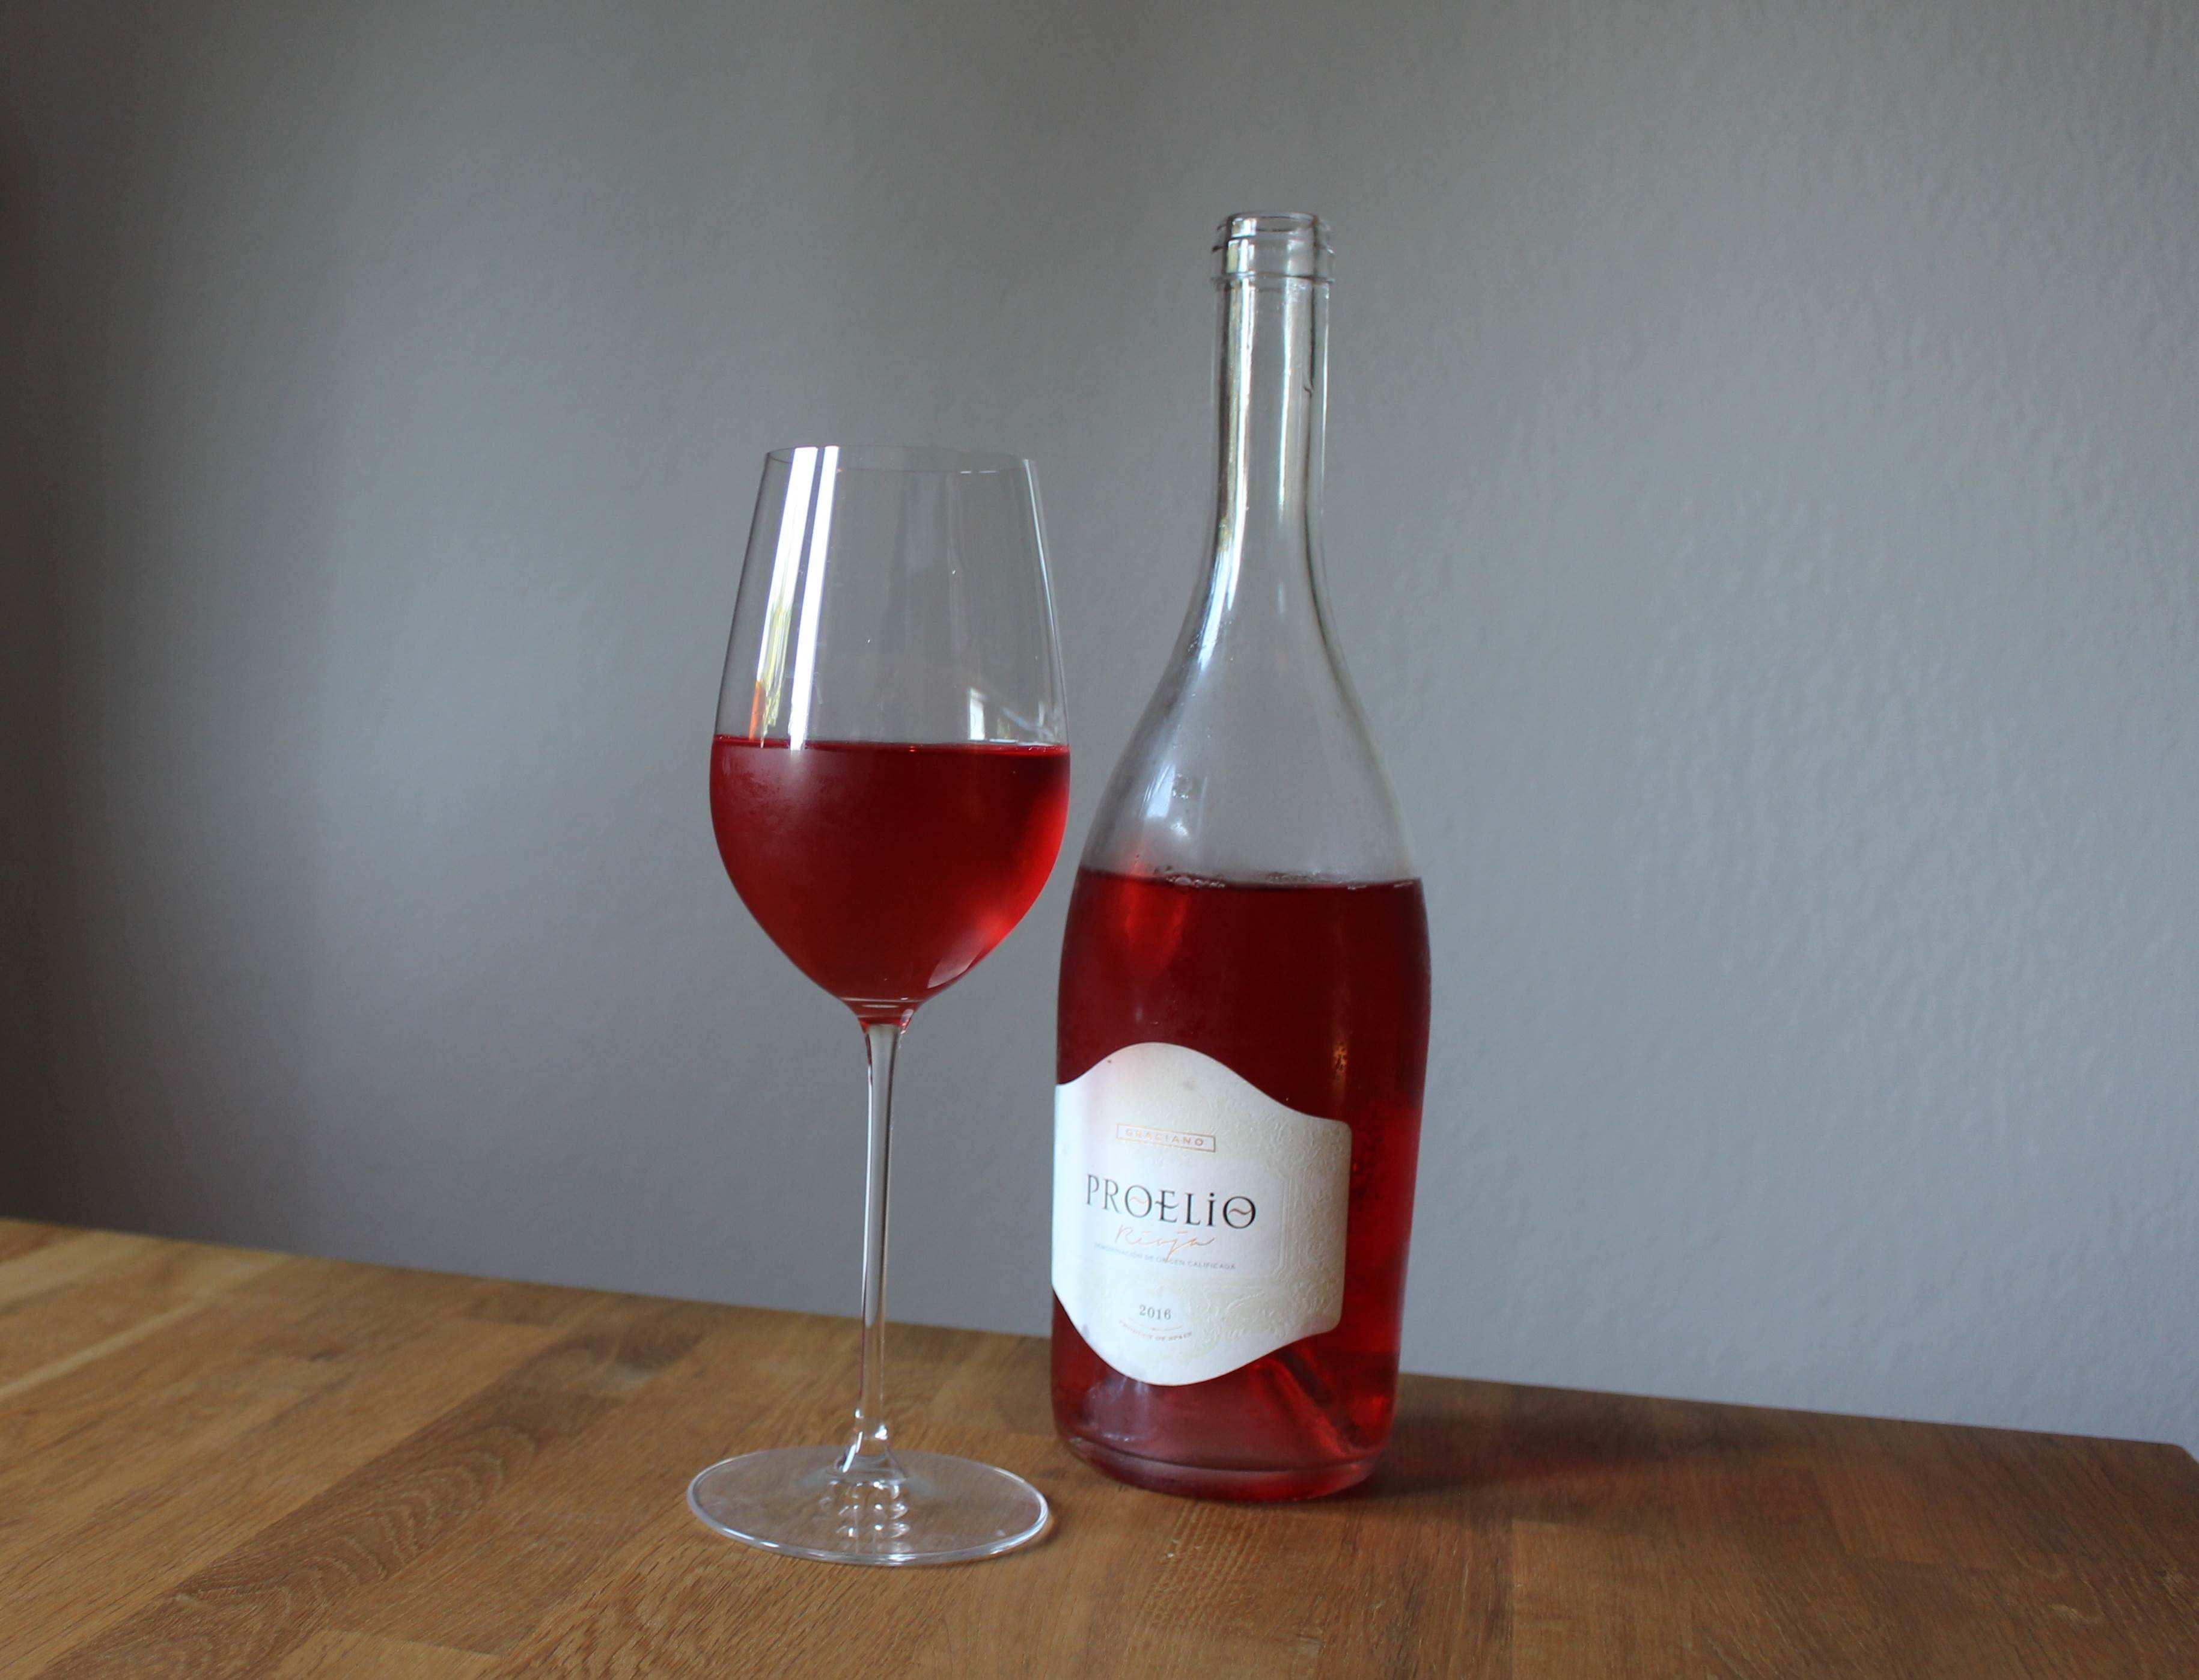 Rioja Weine sind großartige Begleiter für die leichte Küche